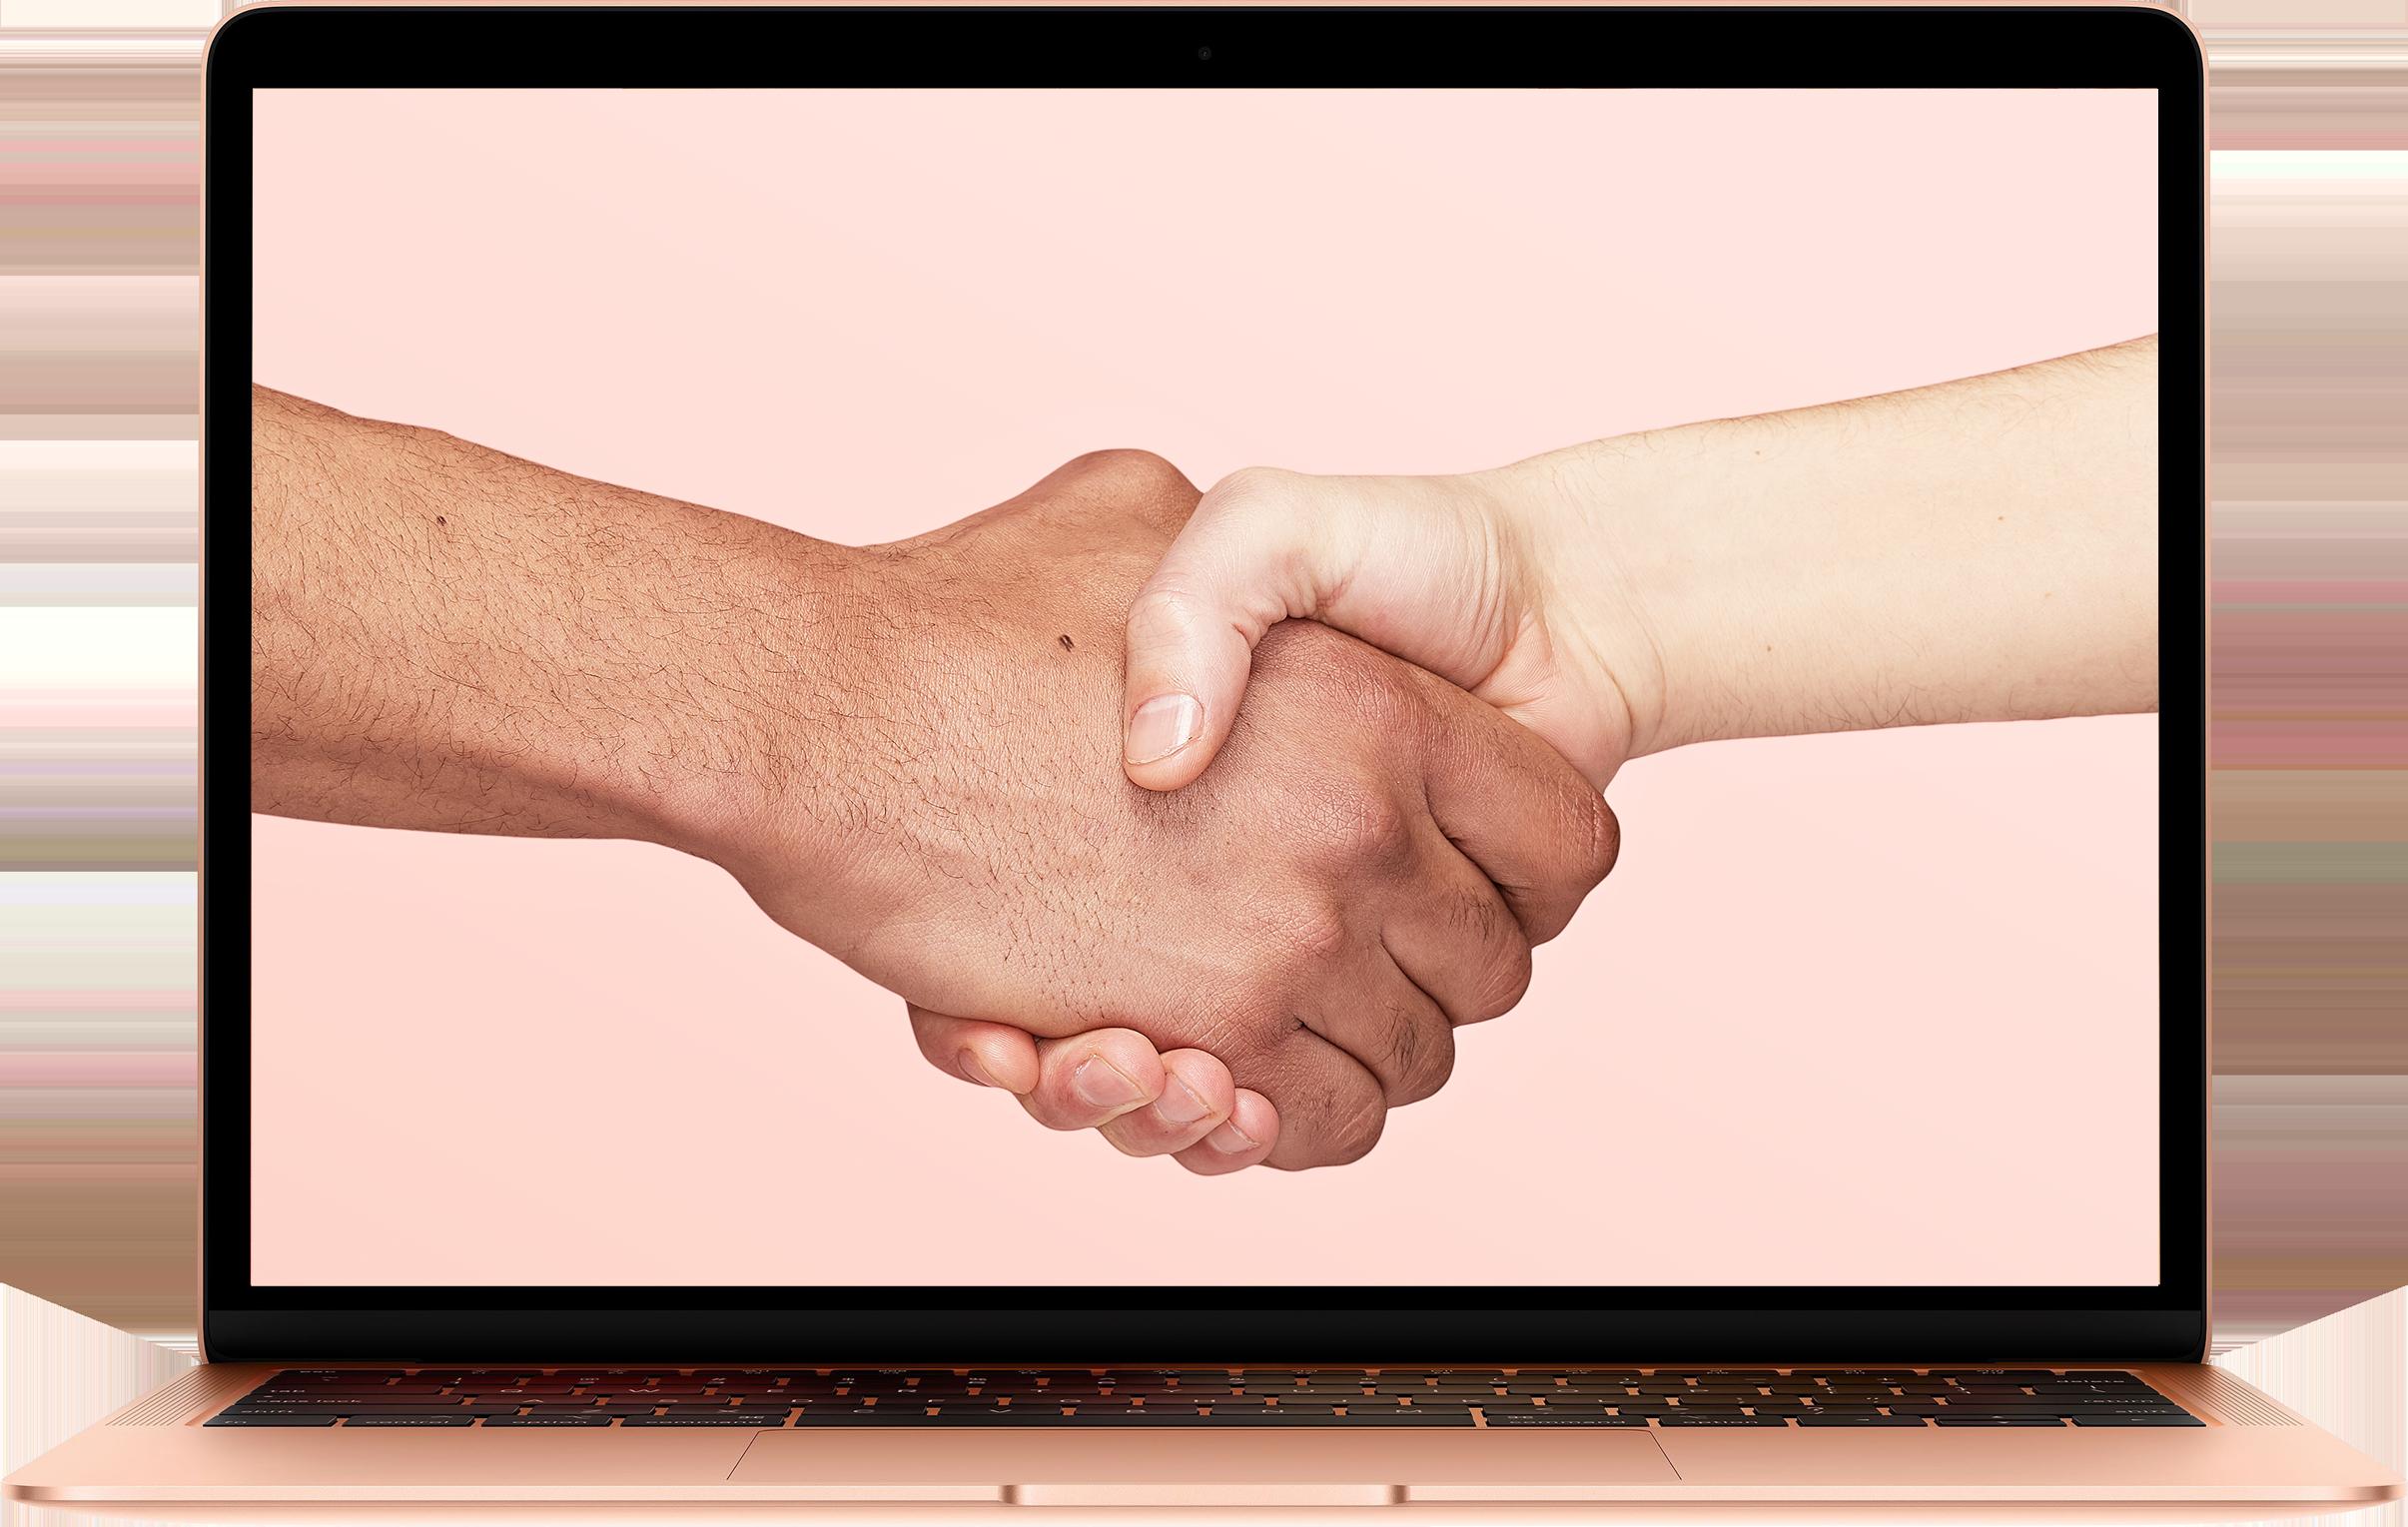 Tryggsam hjälper företag öka försäljningen via SaaS platform.